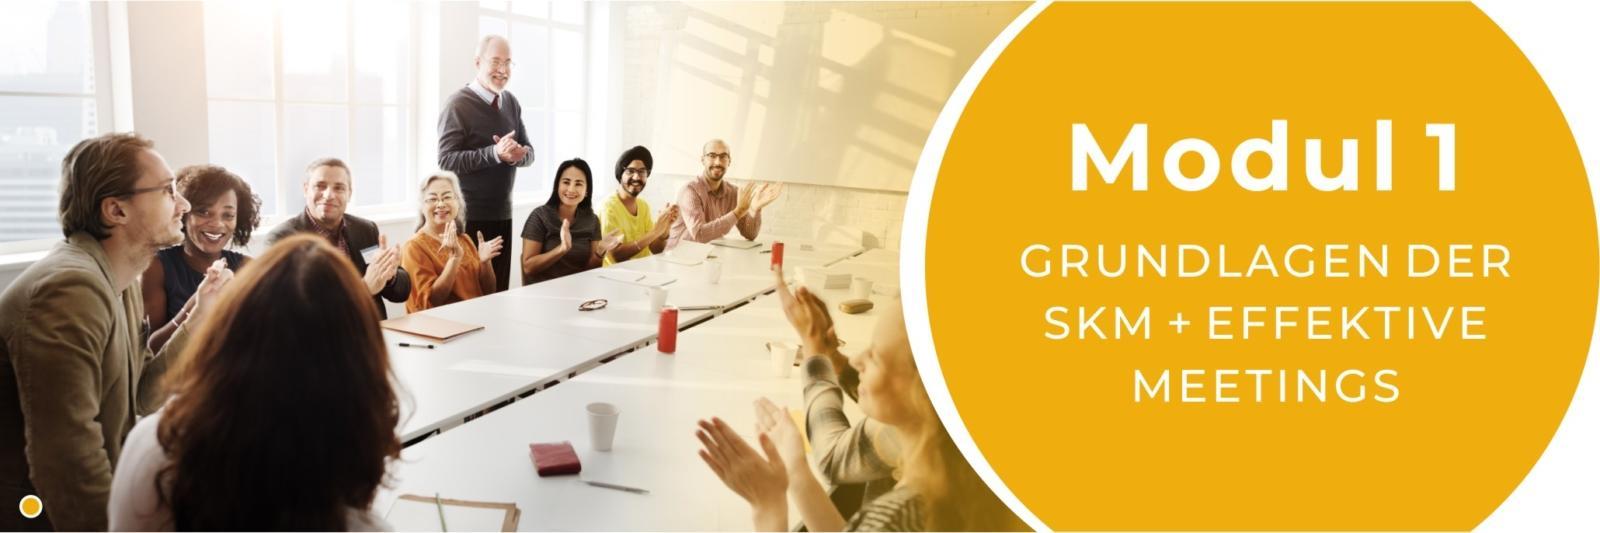 Modul 1 - Grundlagen der SKM + Effektive Meetings gestalten